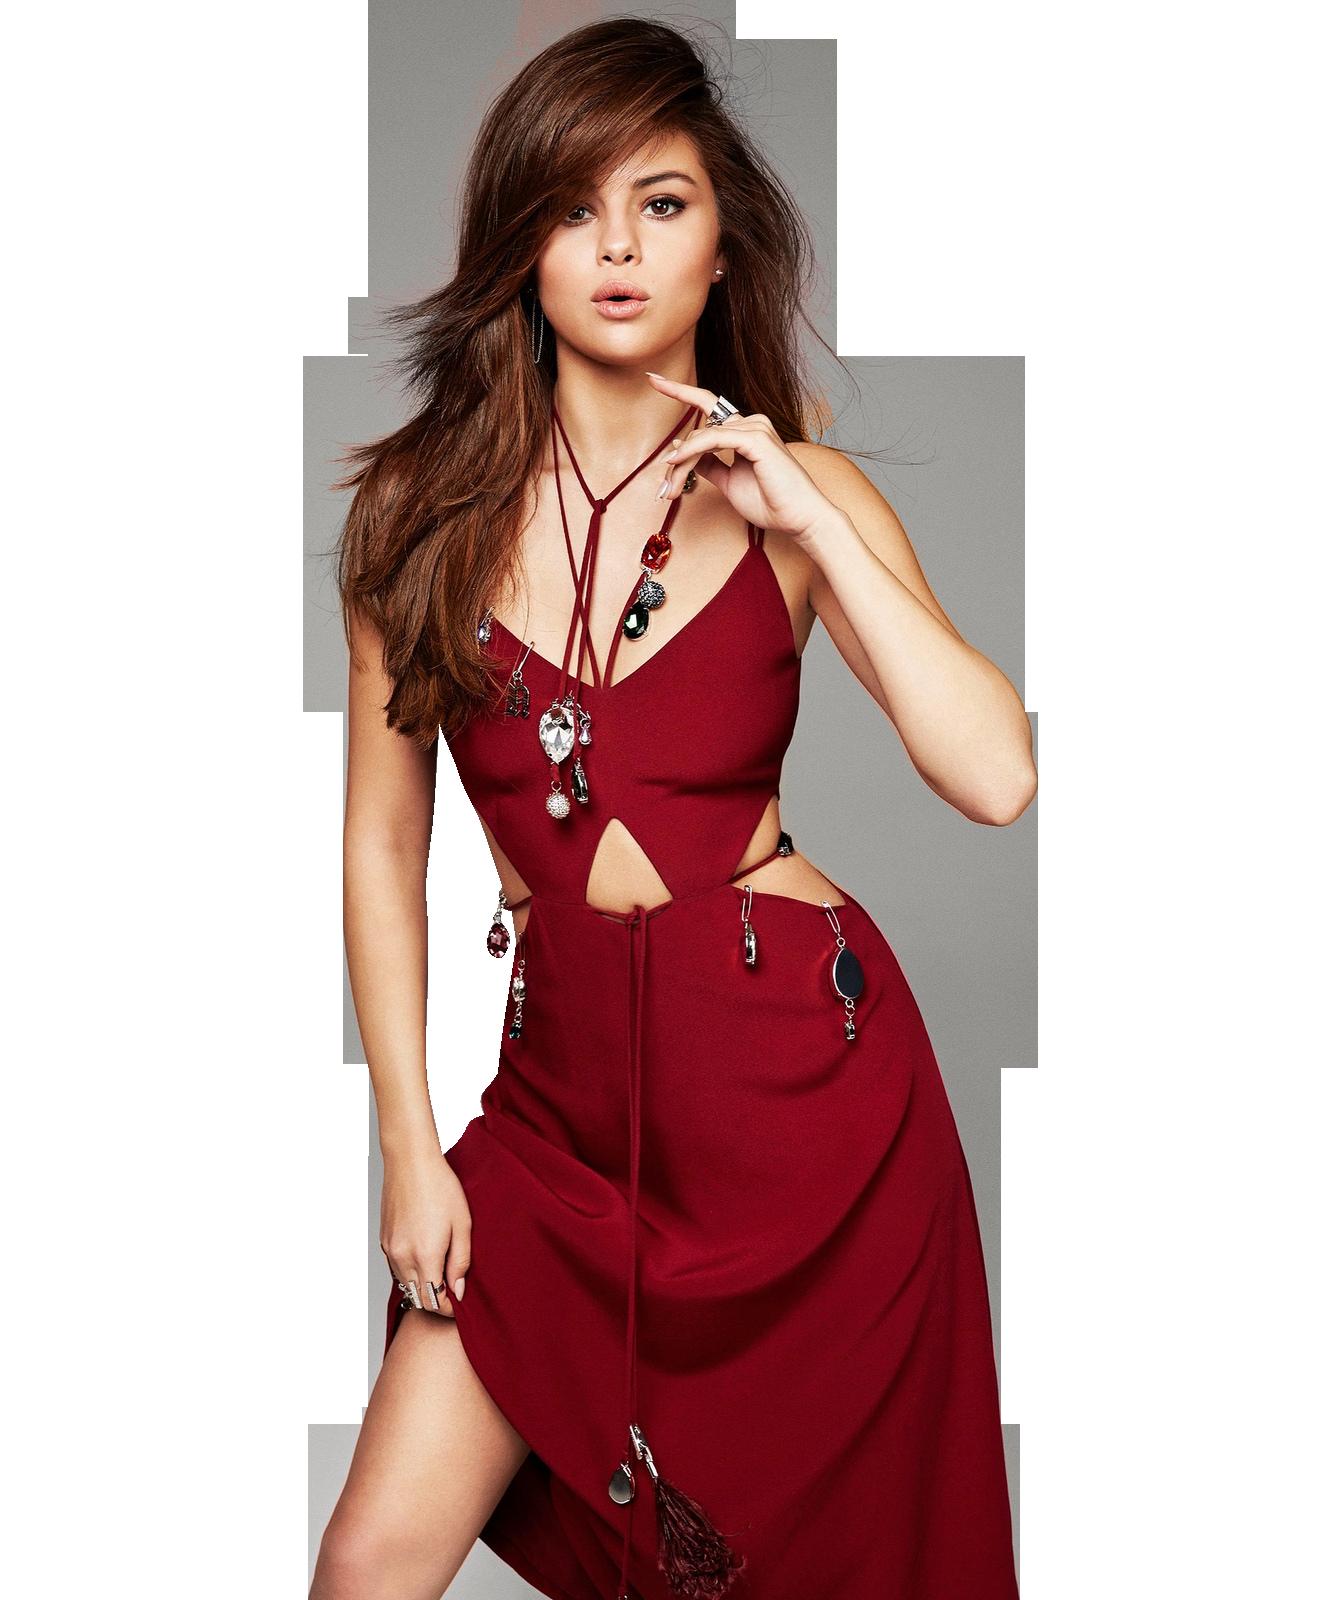 Selena Gomez Red Dress Png Image Selena Gomez Hot Selena Gomez Daily Selena